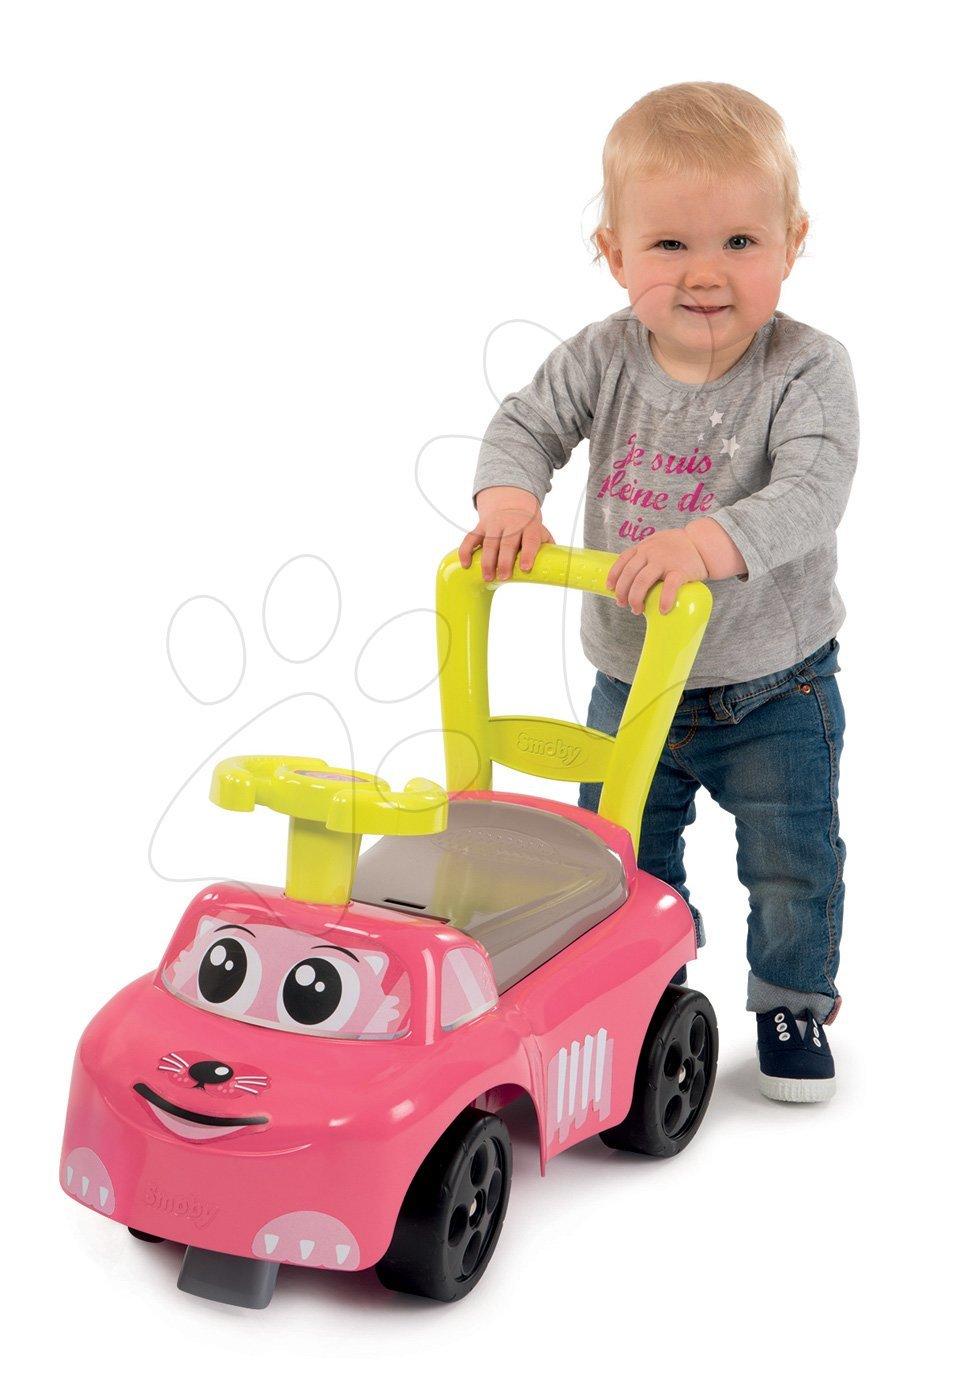 Dětská chodítka - Odrážedlo a chodítko Auto Fille 2v1 Smoby růžové od 10 měsíců